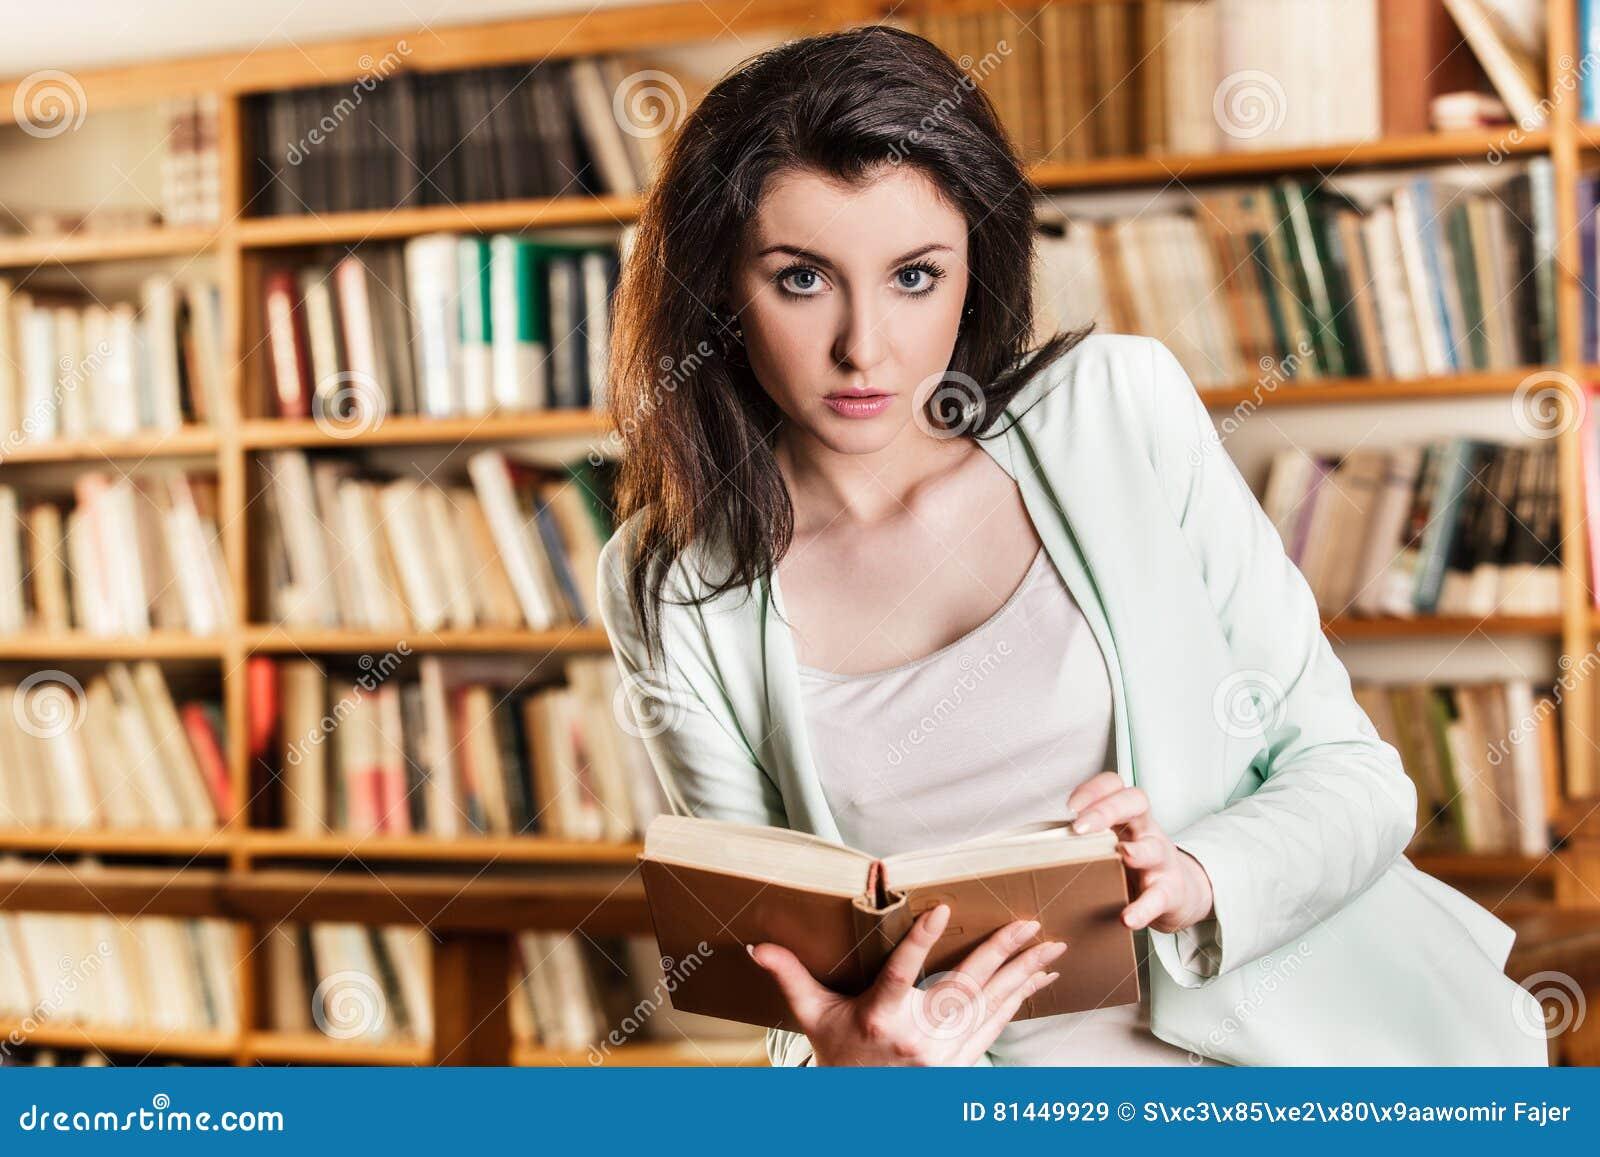 Femme lisant un livre devant des étagères